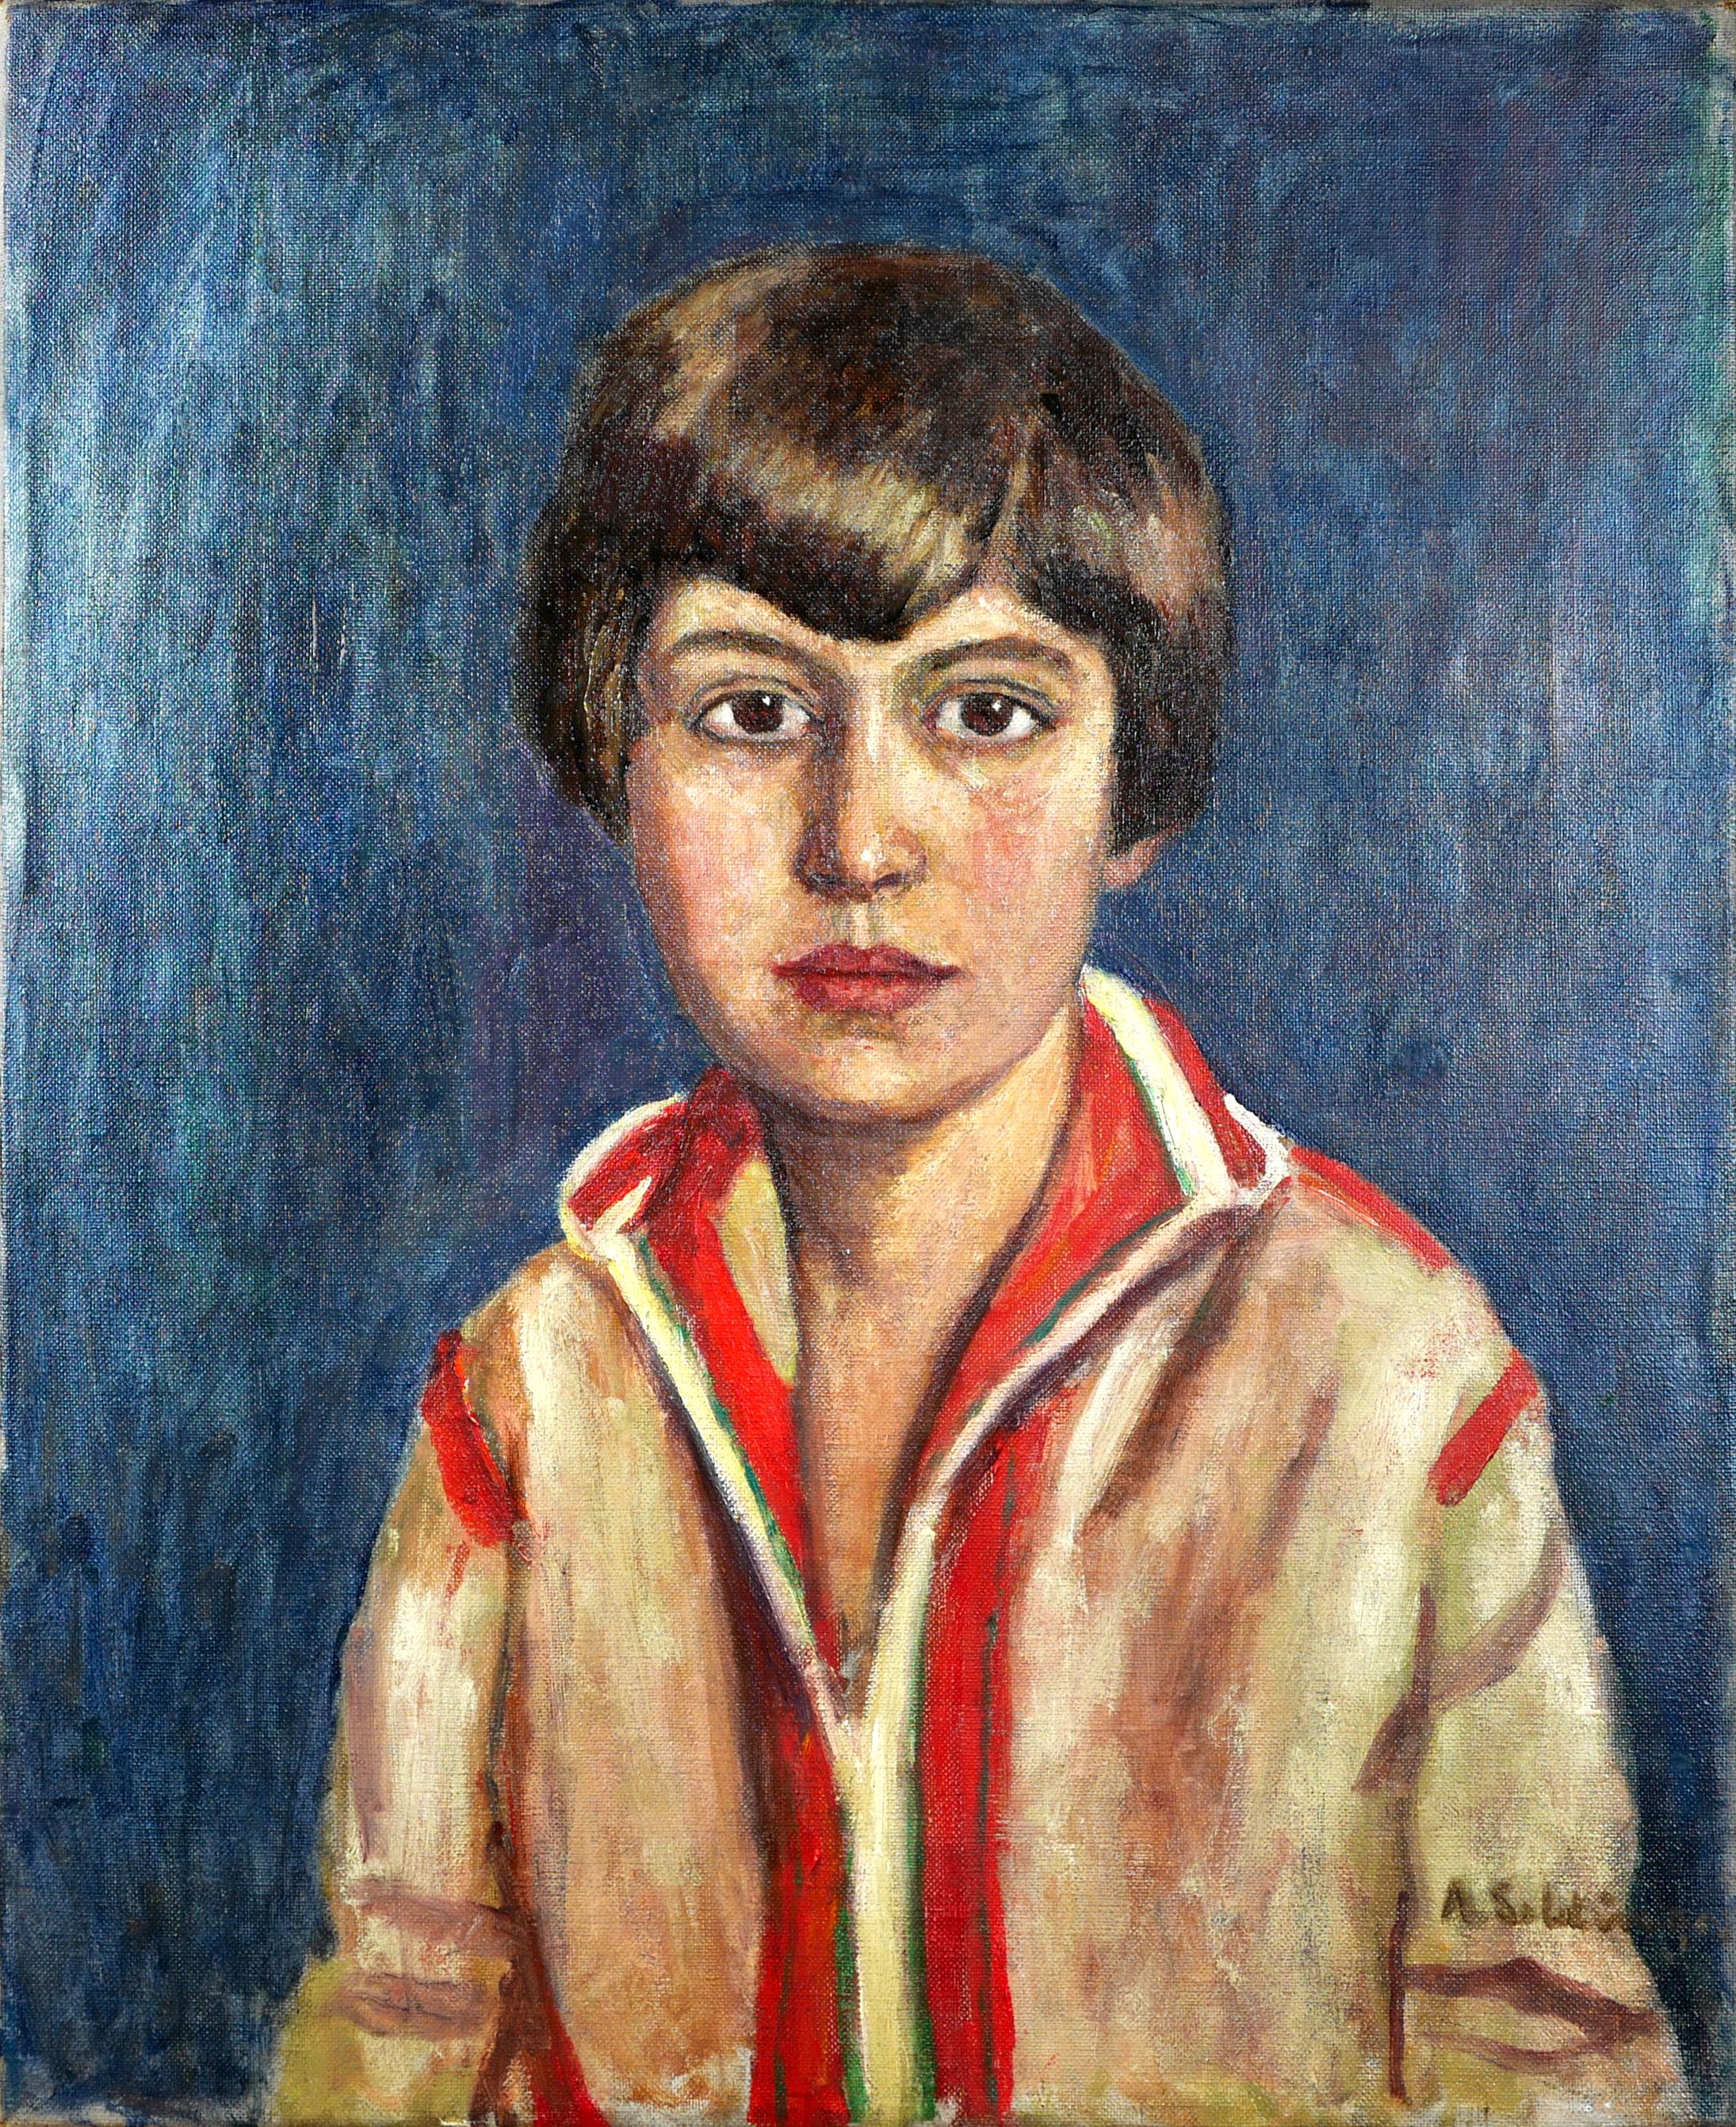 Portret dziecka, ok 1920 r.